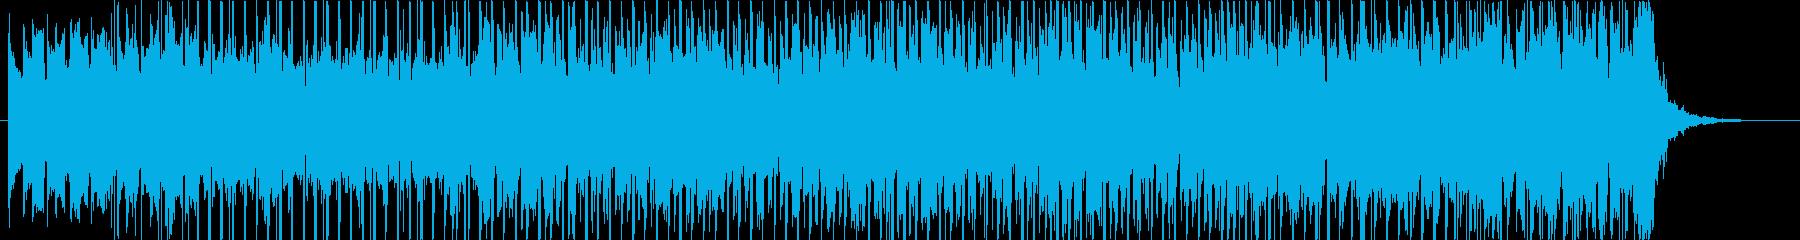 β2615の再生済みの波形